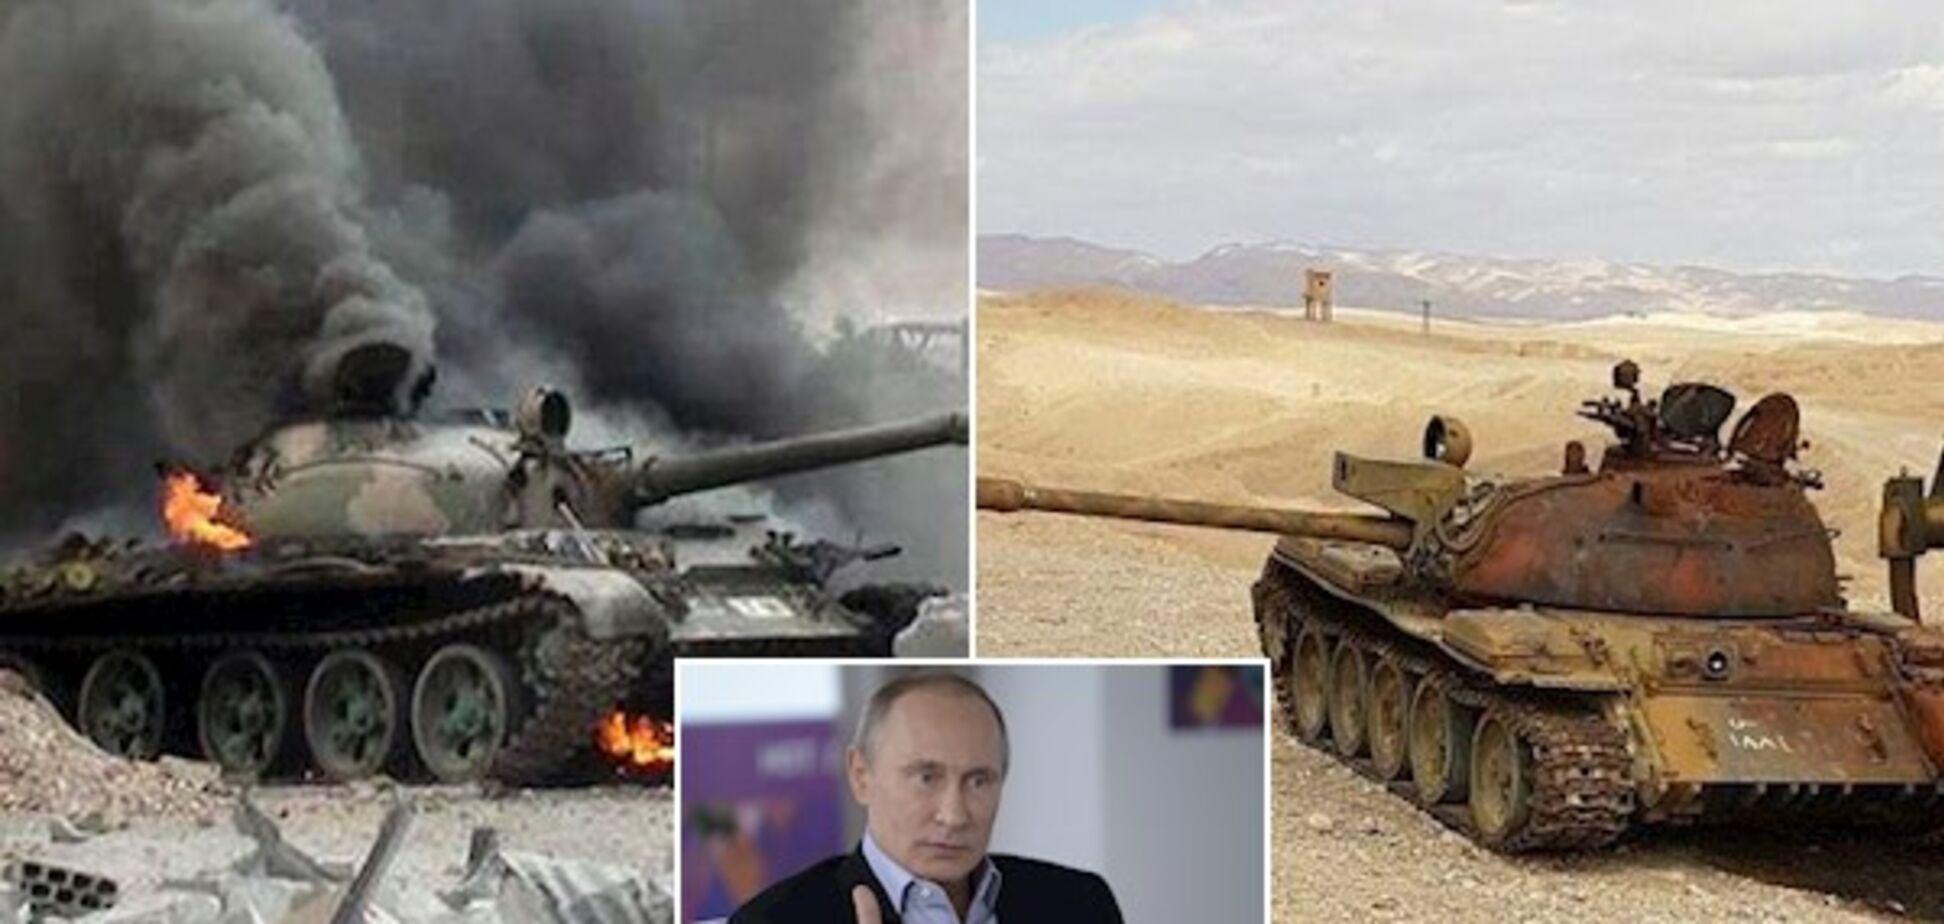 Поражение России в Сирии: Путину предрекли новый болезненный удар